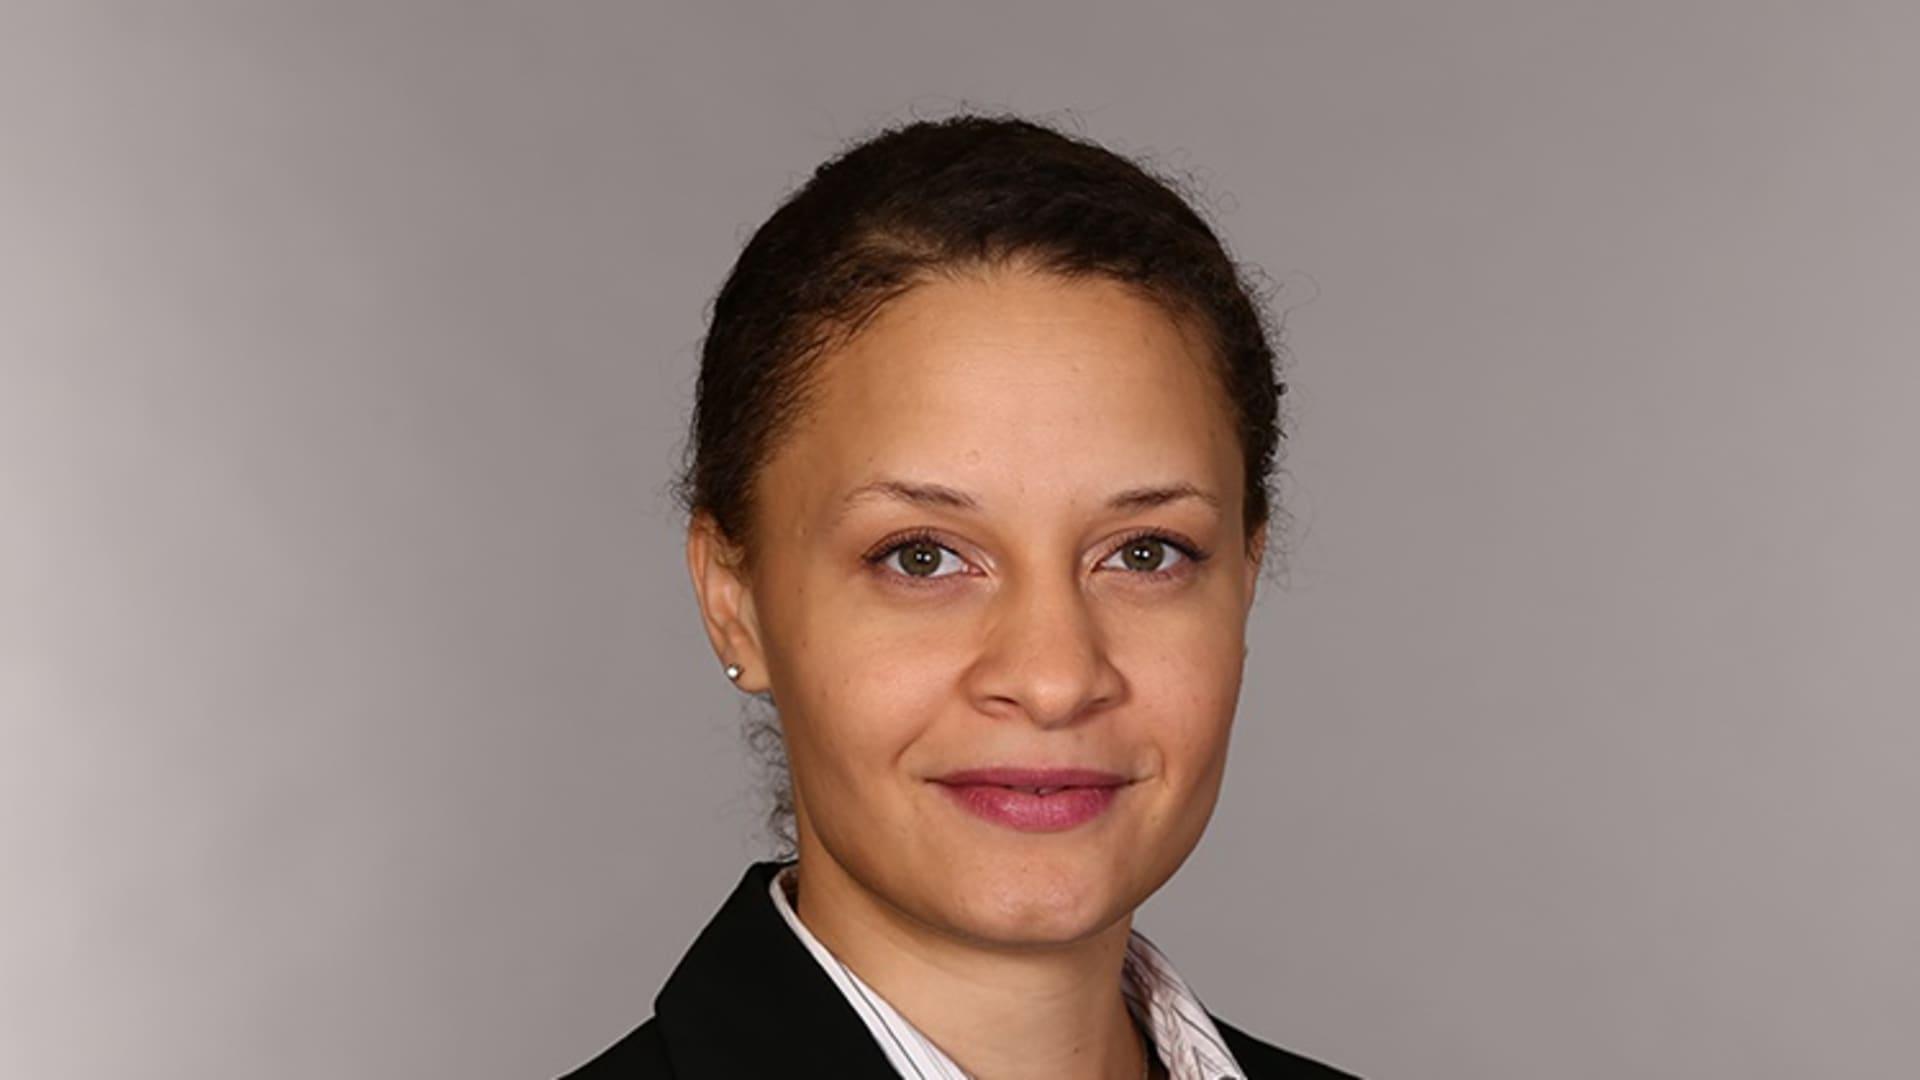 Tiffany Morton